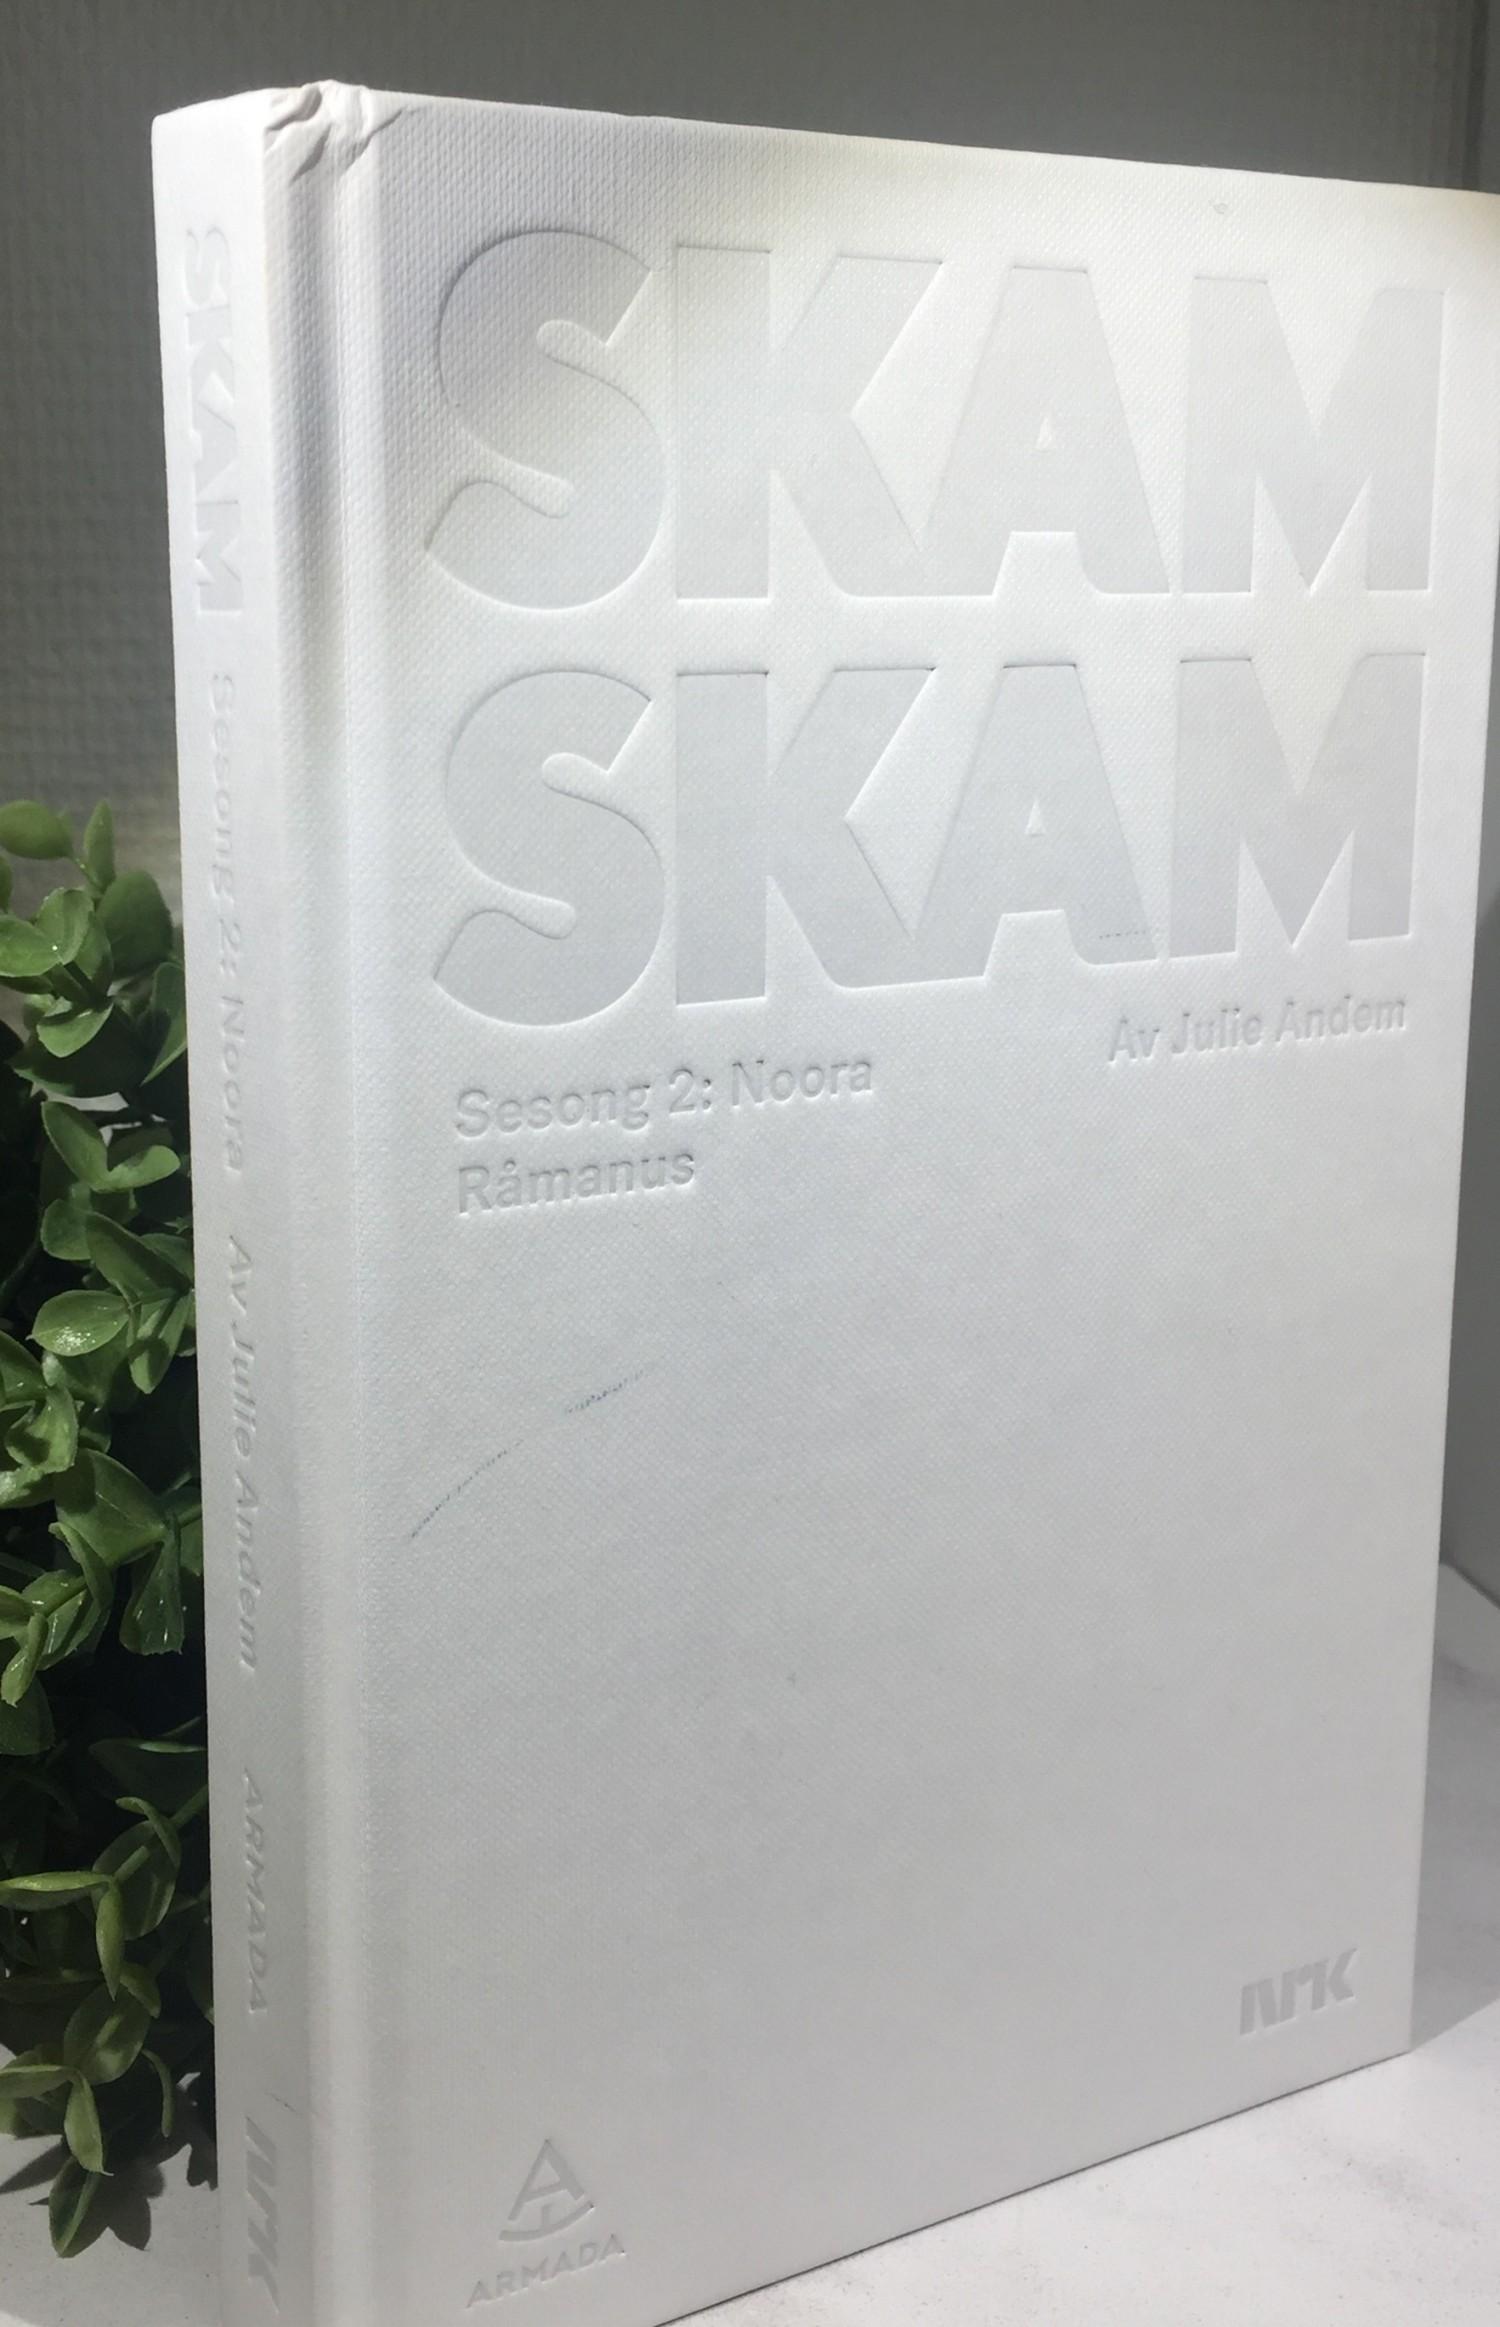 Norge, Norway, SKAM, Skam bøker, SKAM uredigeret manus, Skeivt arkiv, SKAM, Julie Andem,